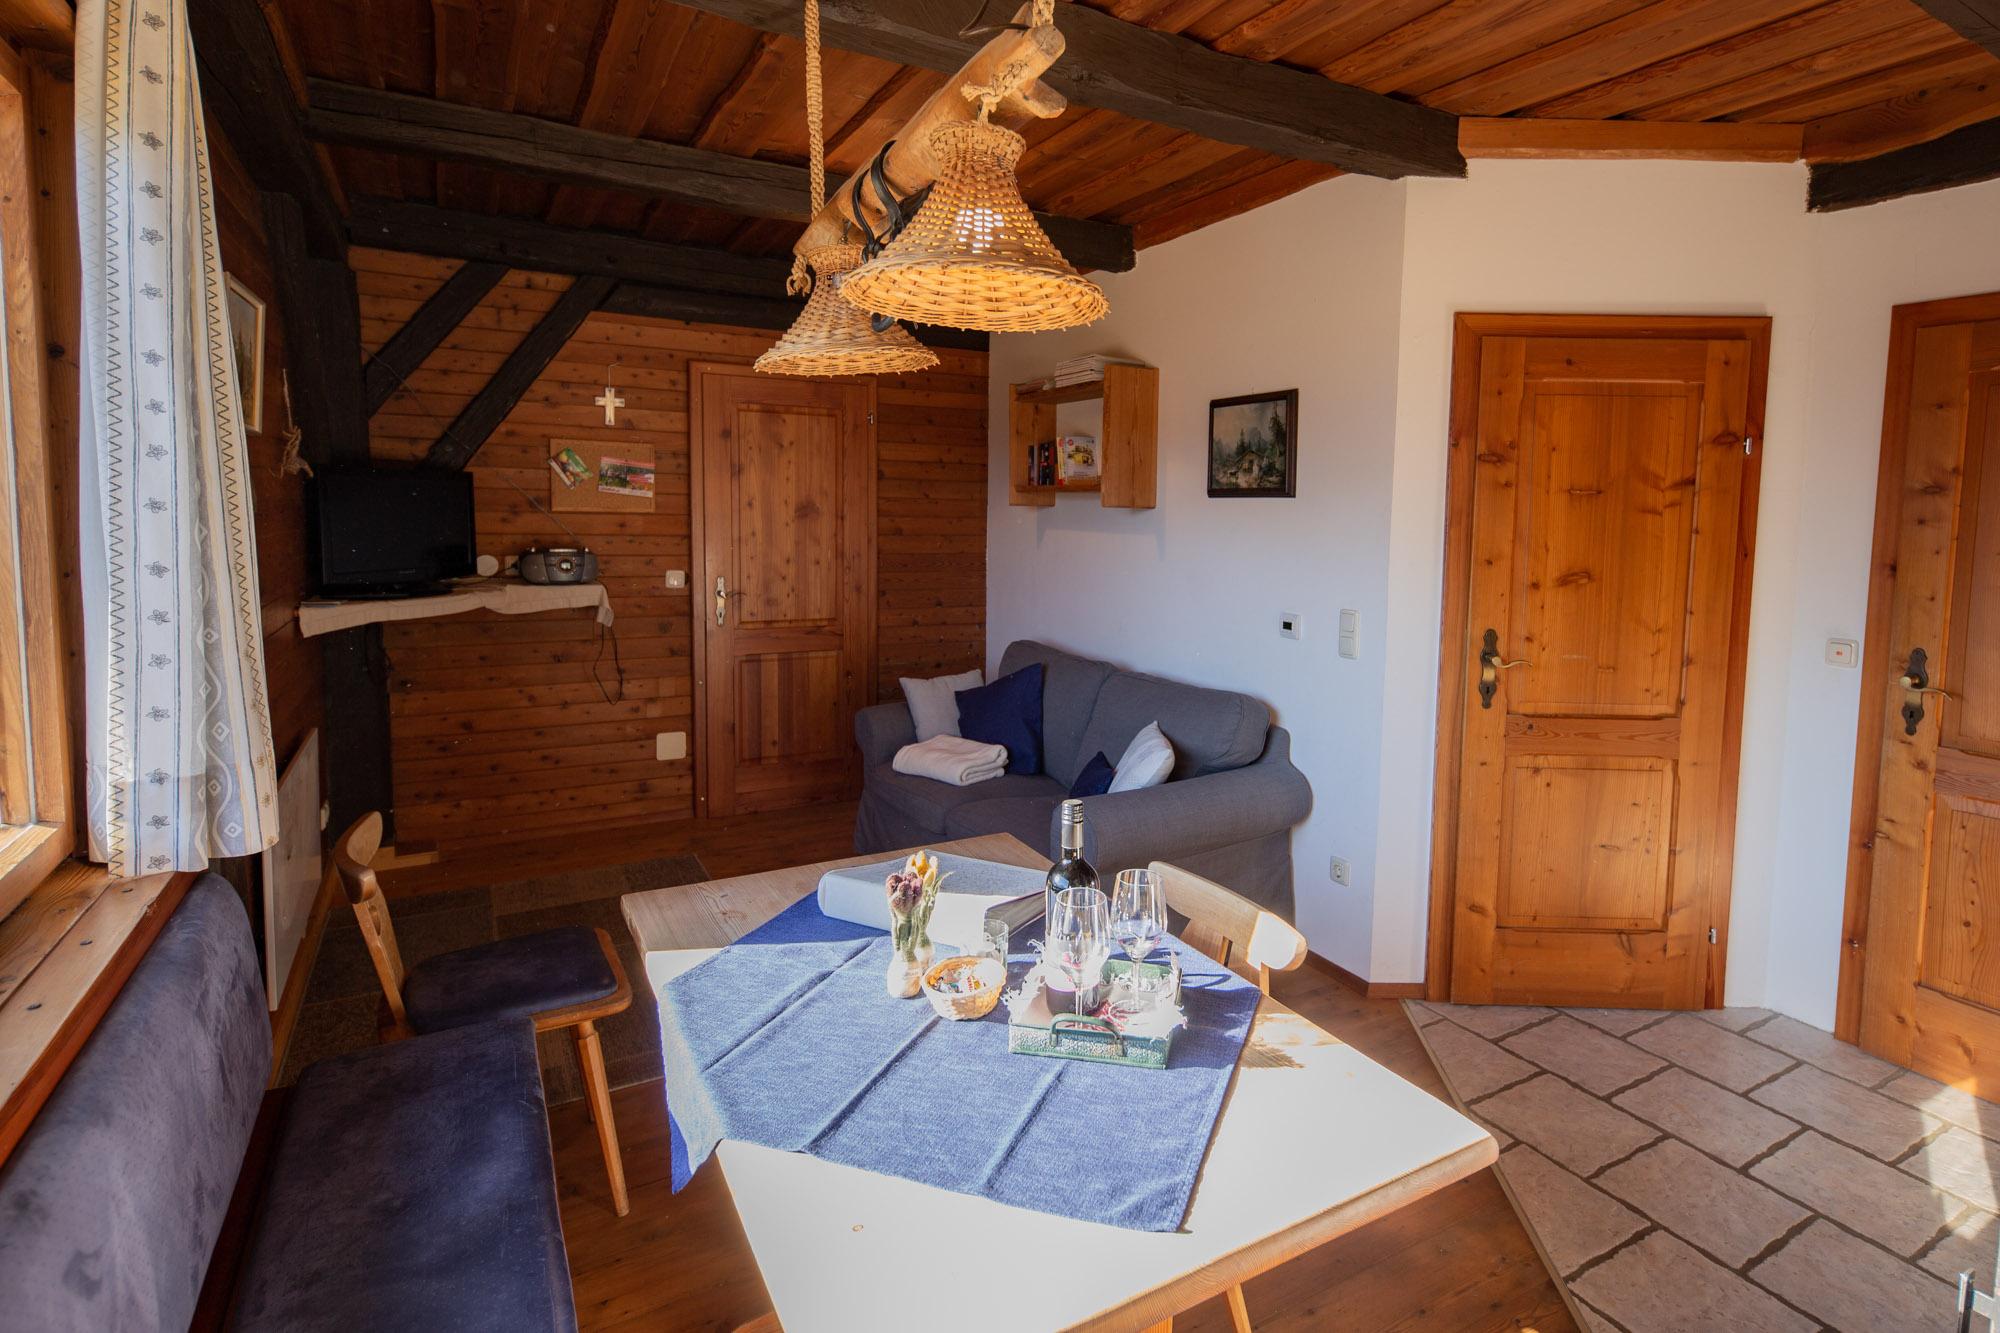 Urlaub am Bauernhof in Schaureith in Lunz am See